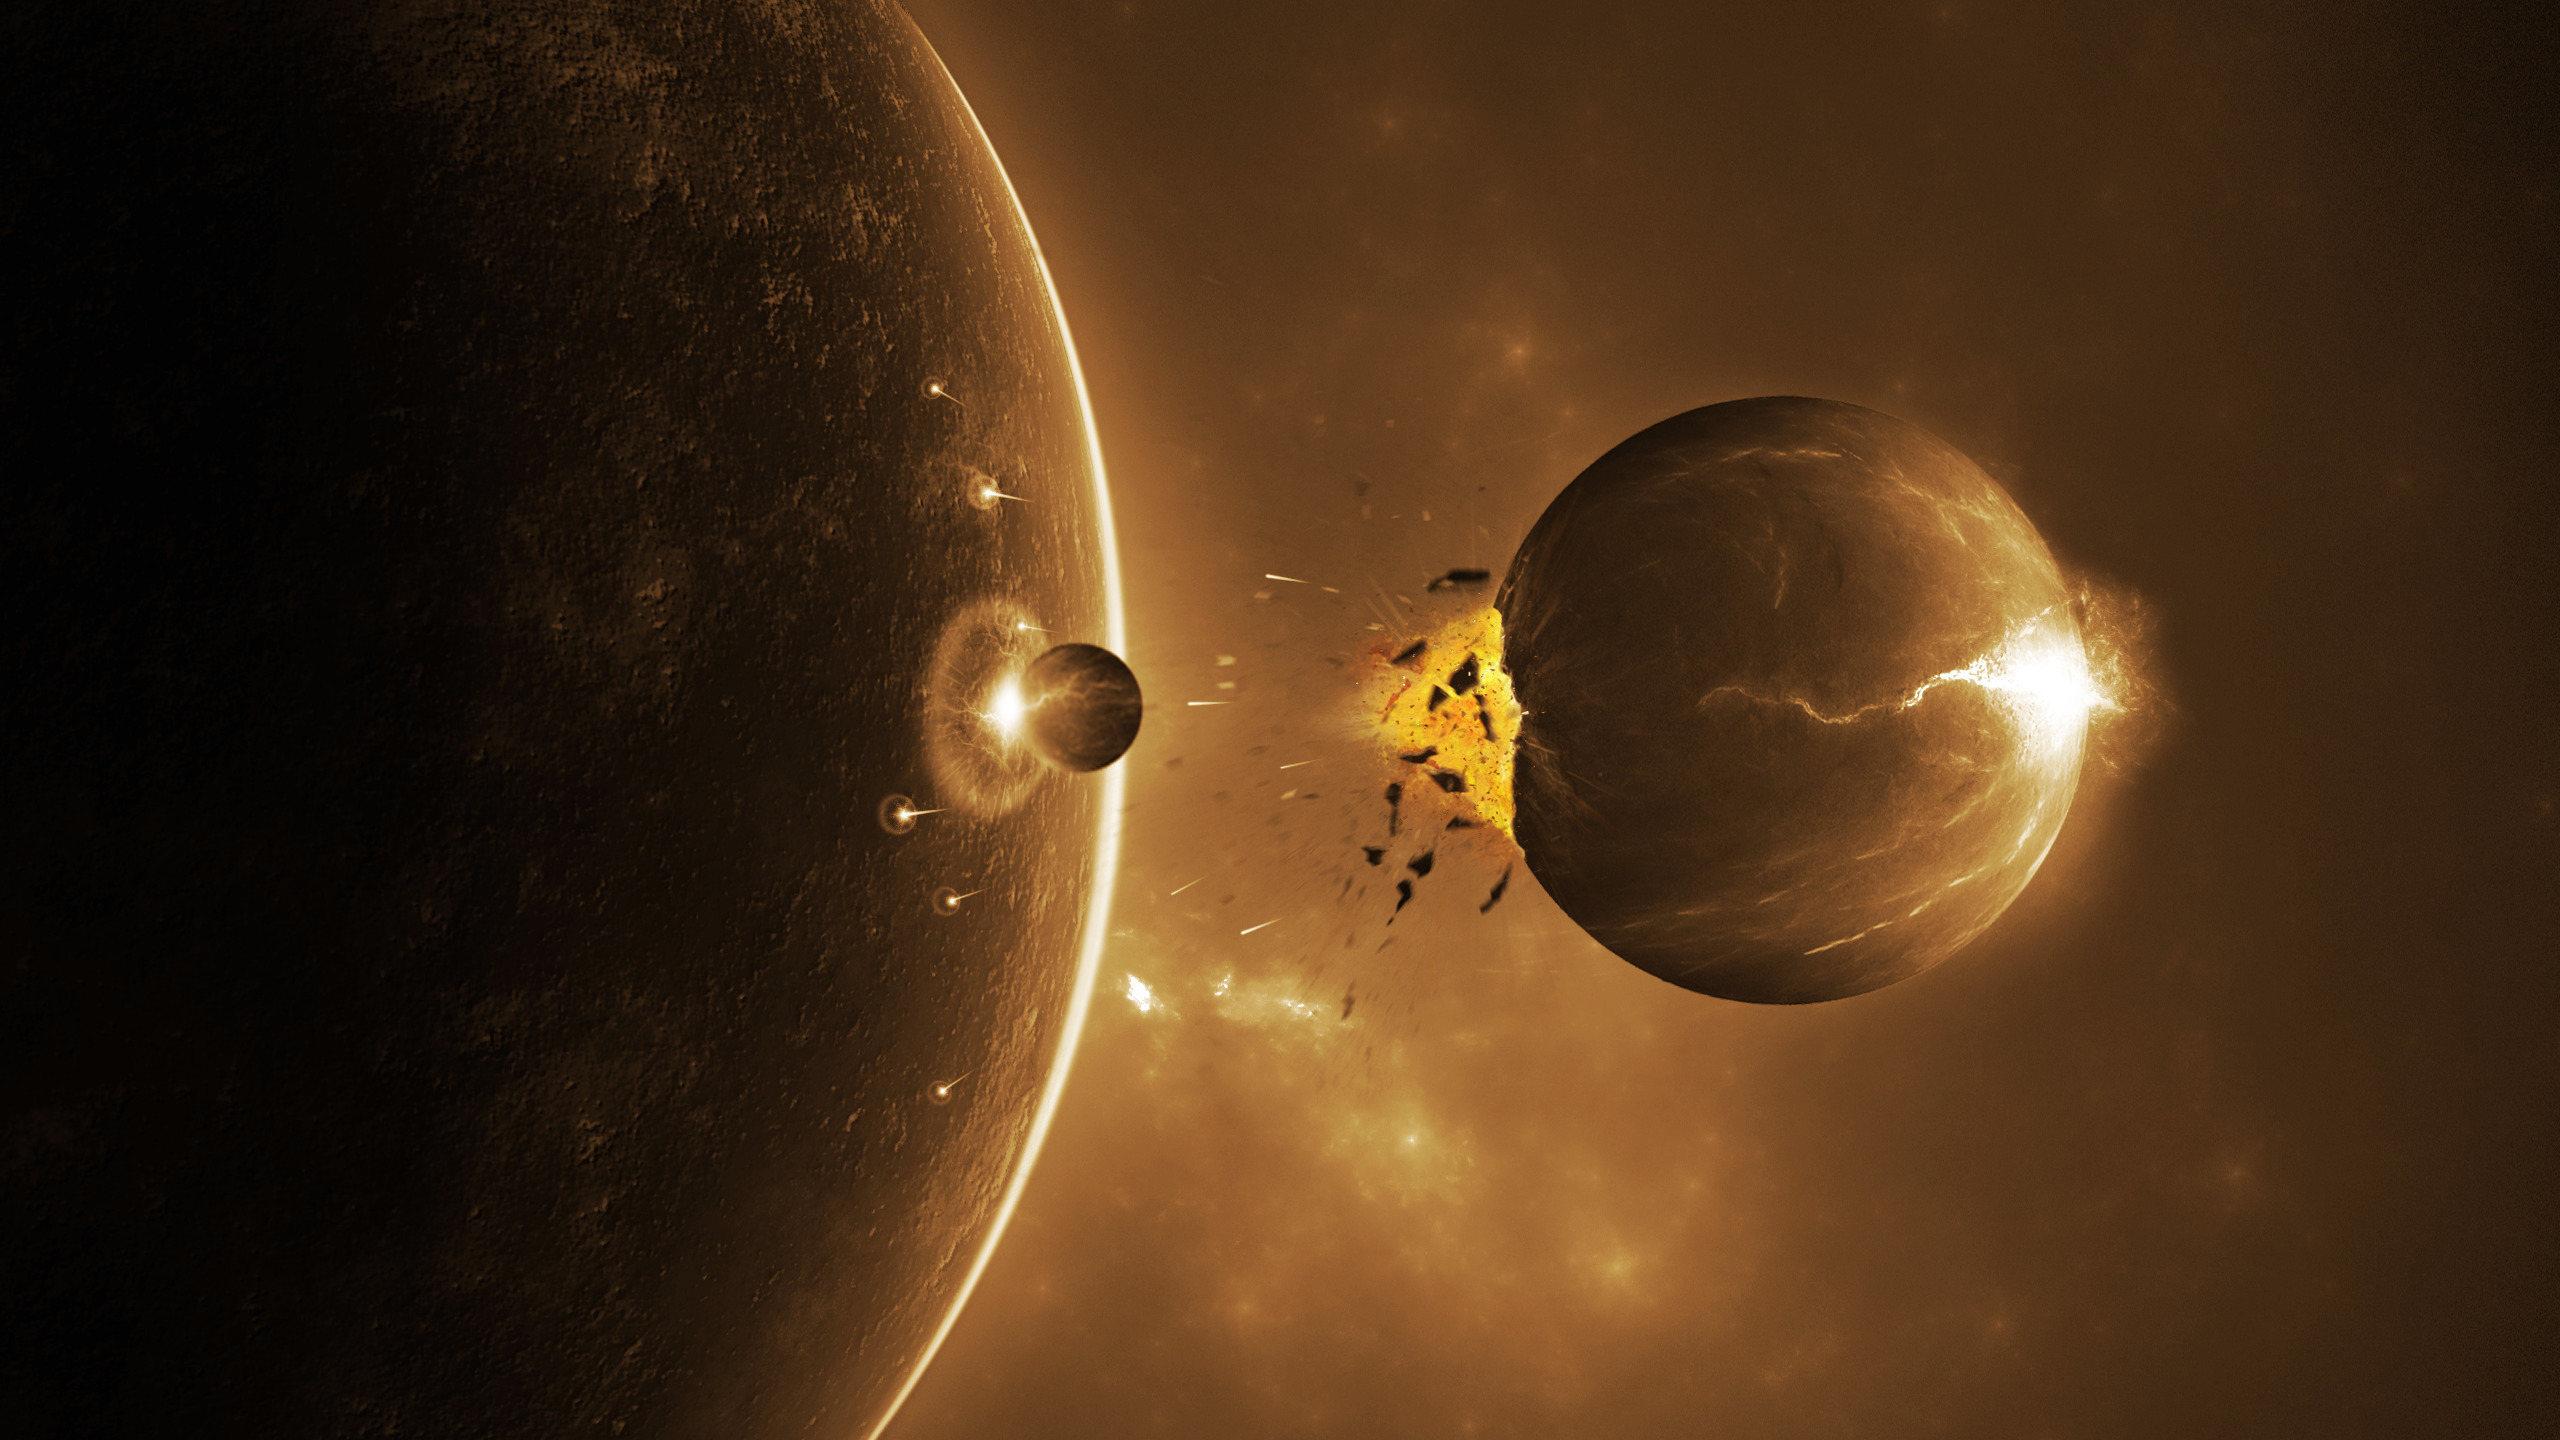 обои для рабочего стола космос метеориты № 610712 загрузить